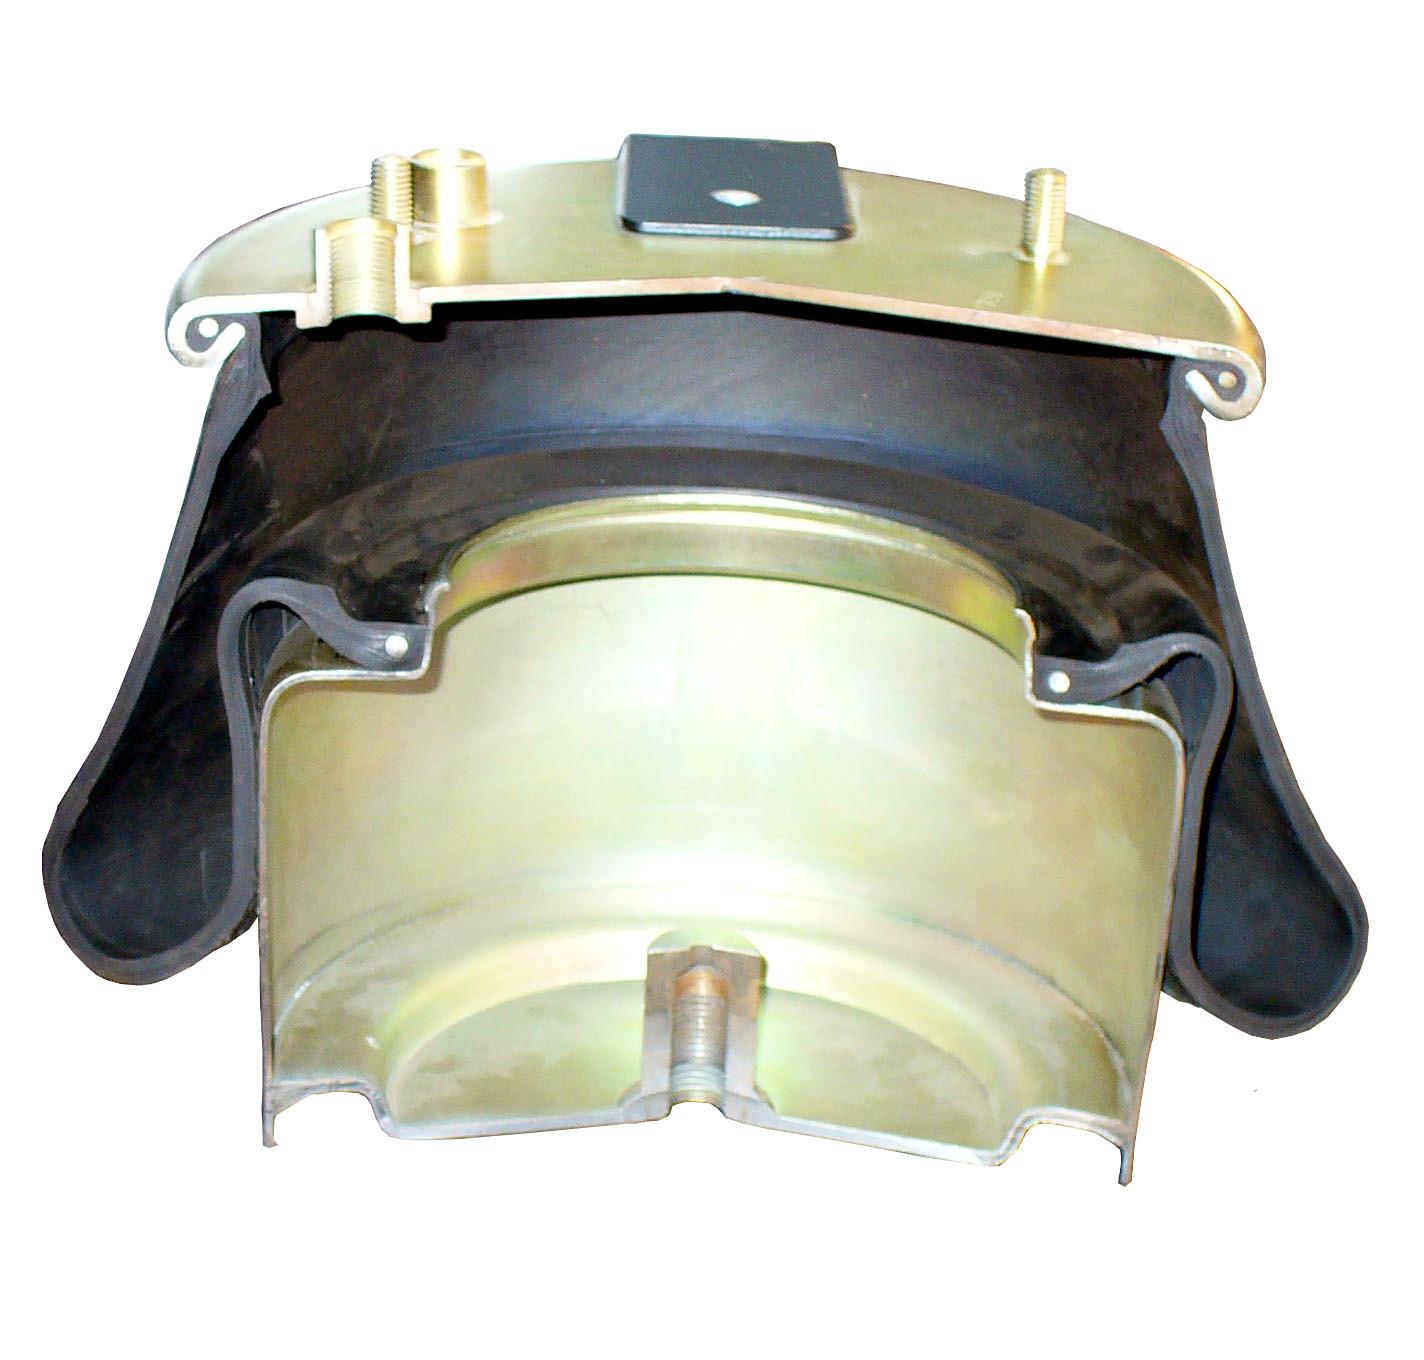 Blick in das Schnittmodell eines Gummibalges einer Lkw-Luftfederung